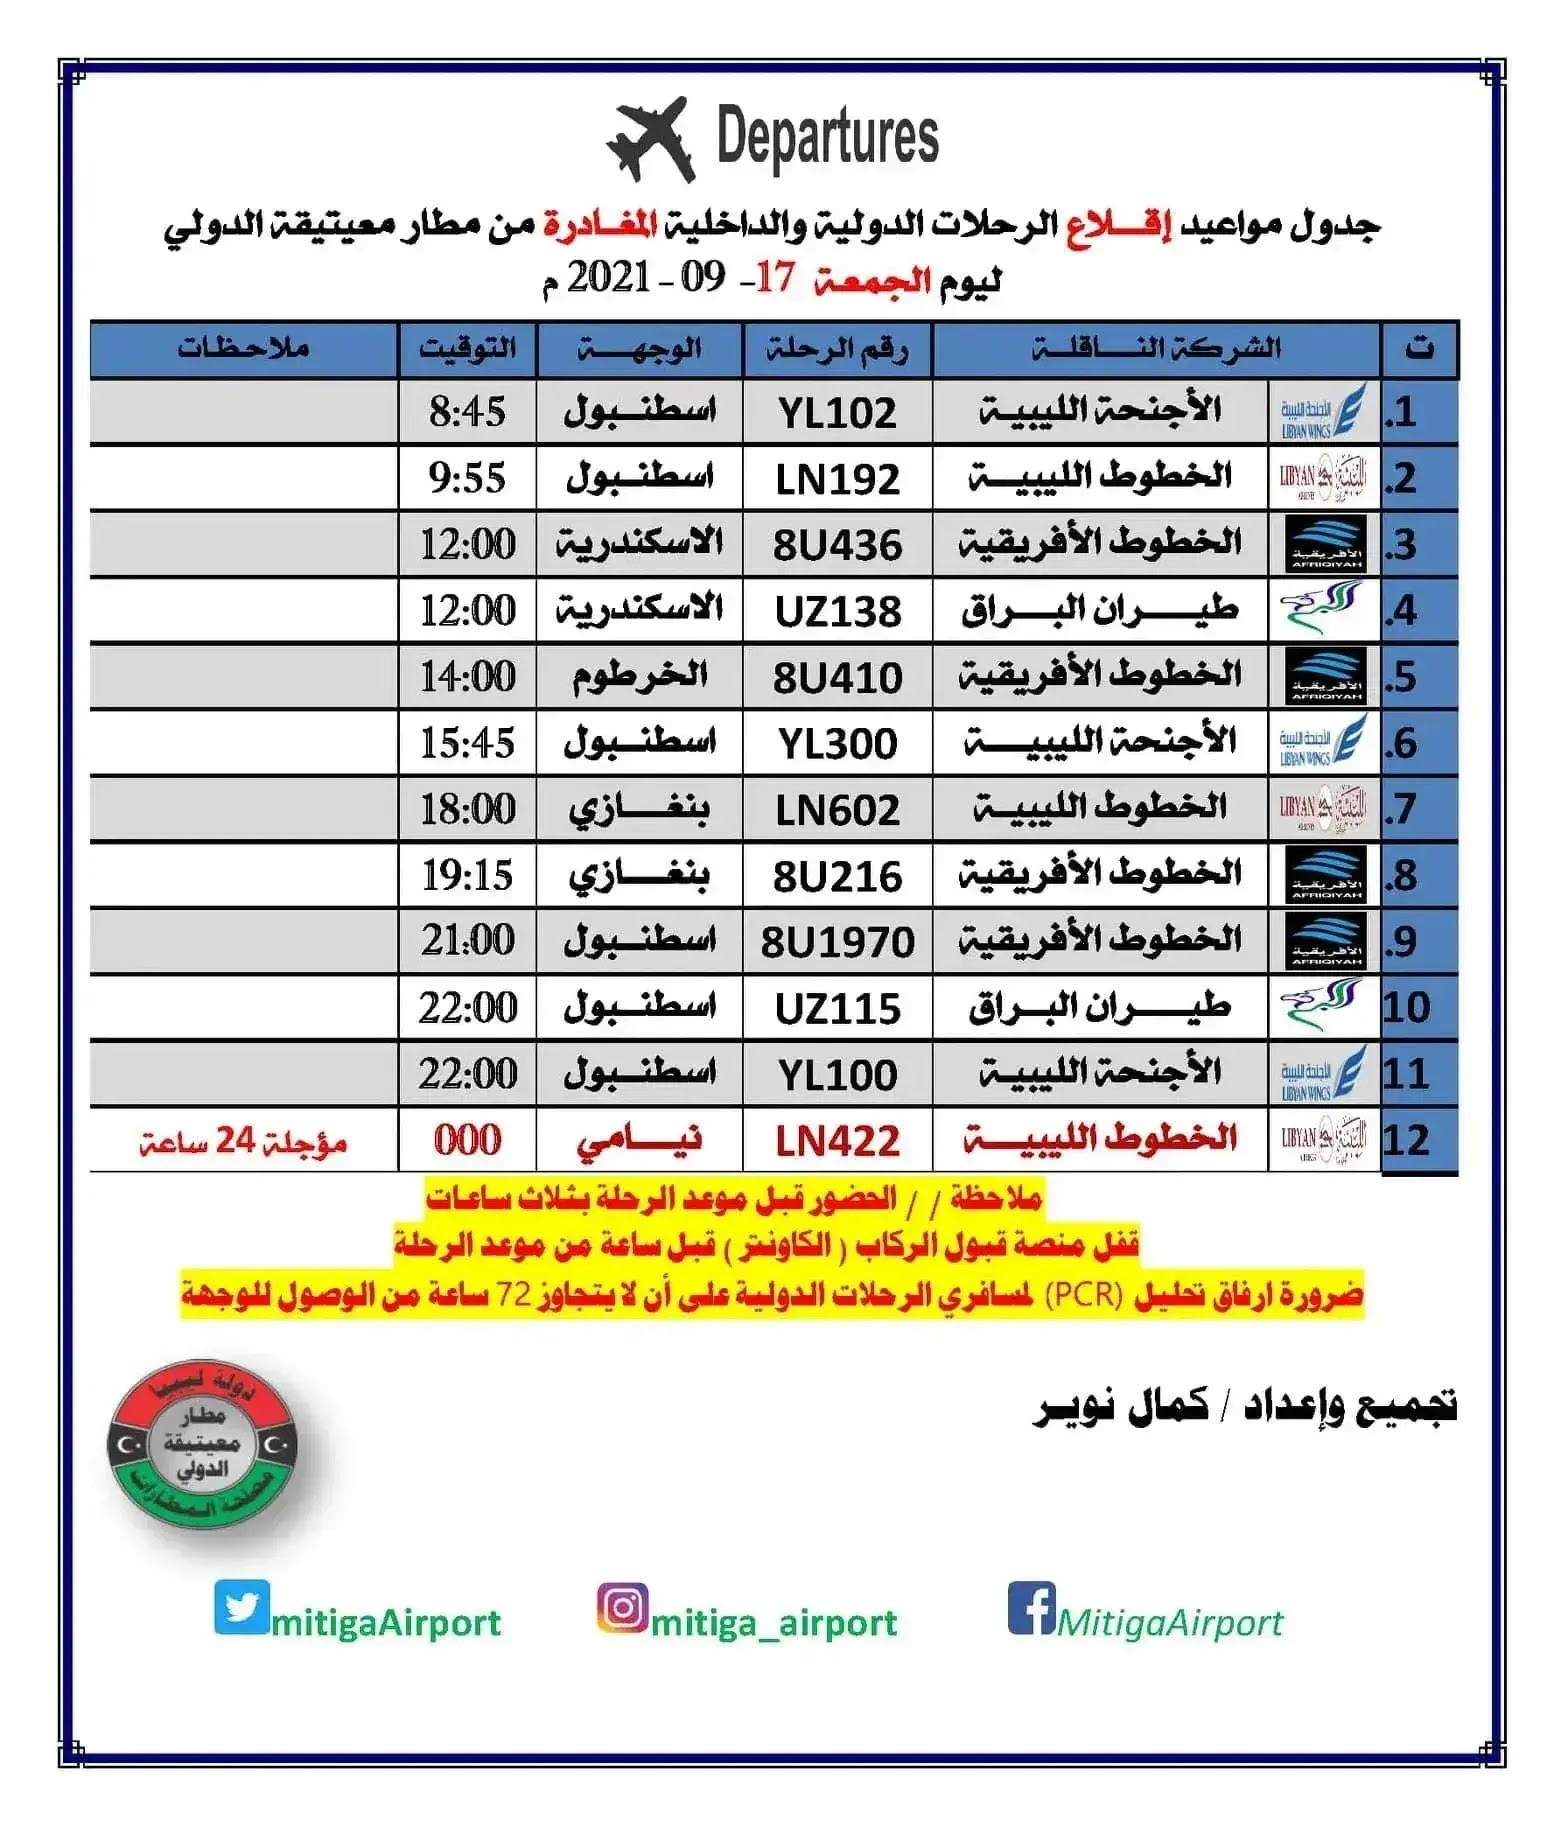 رحلات مطار معيتيقة الدولي الجمعة 17-09-2021م